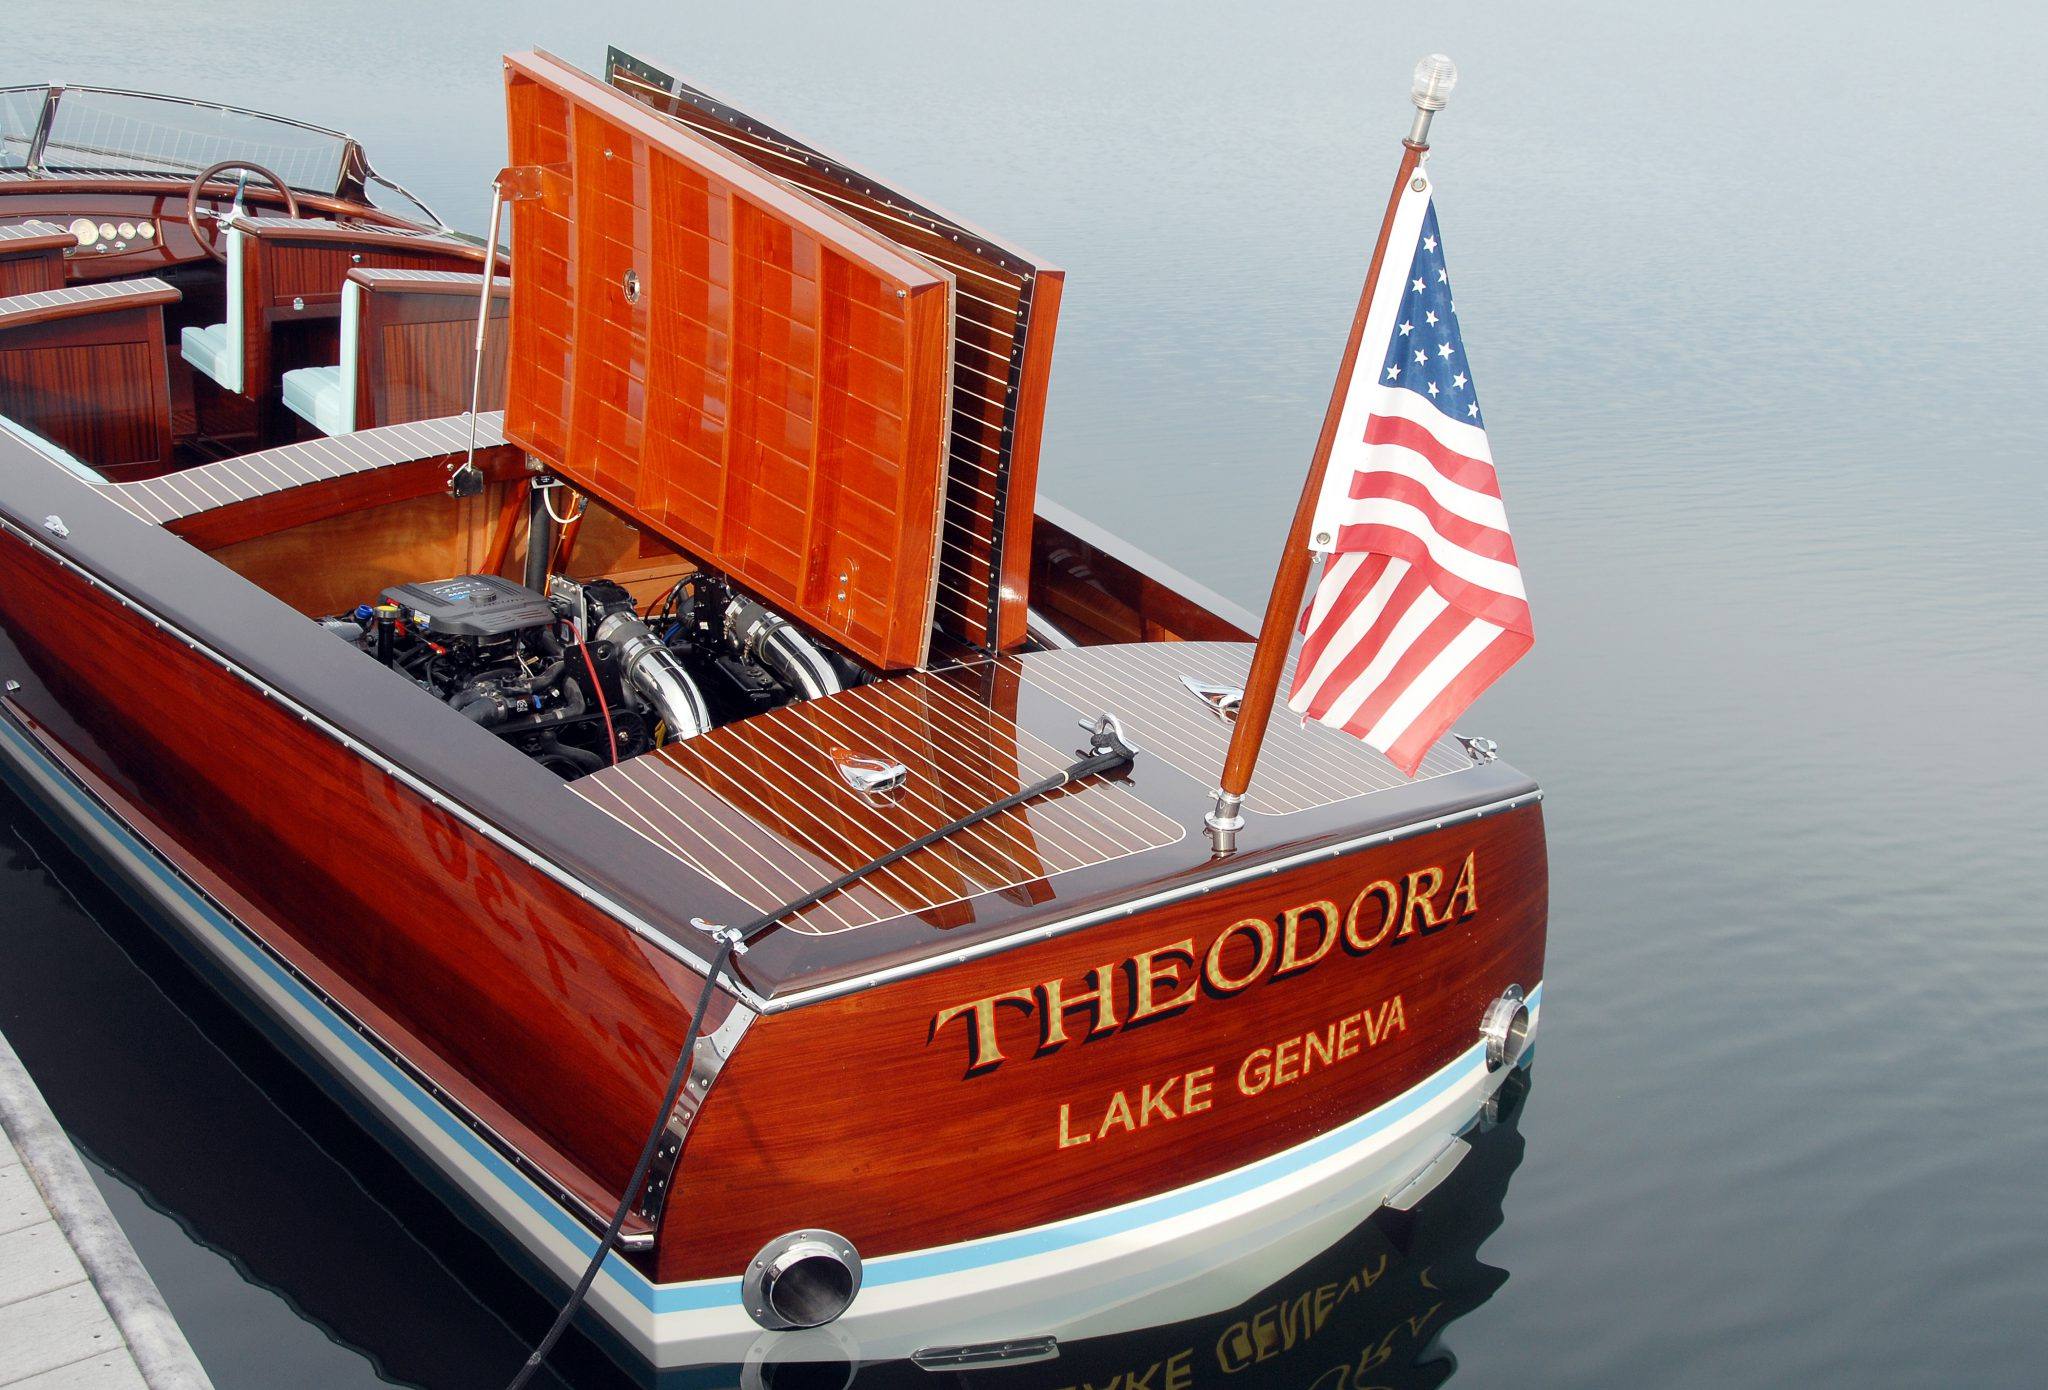 Engine hatches open on Theodora